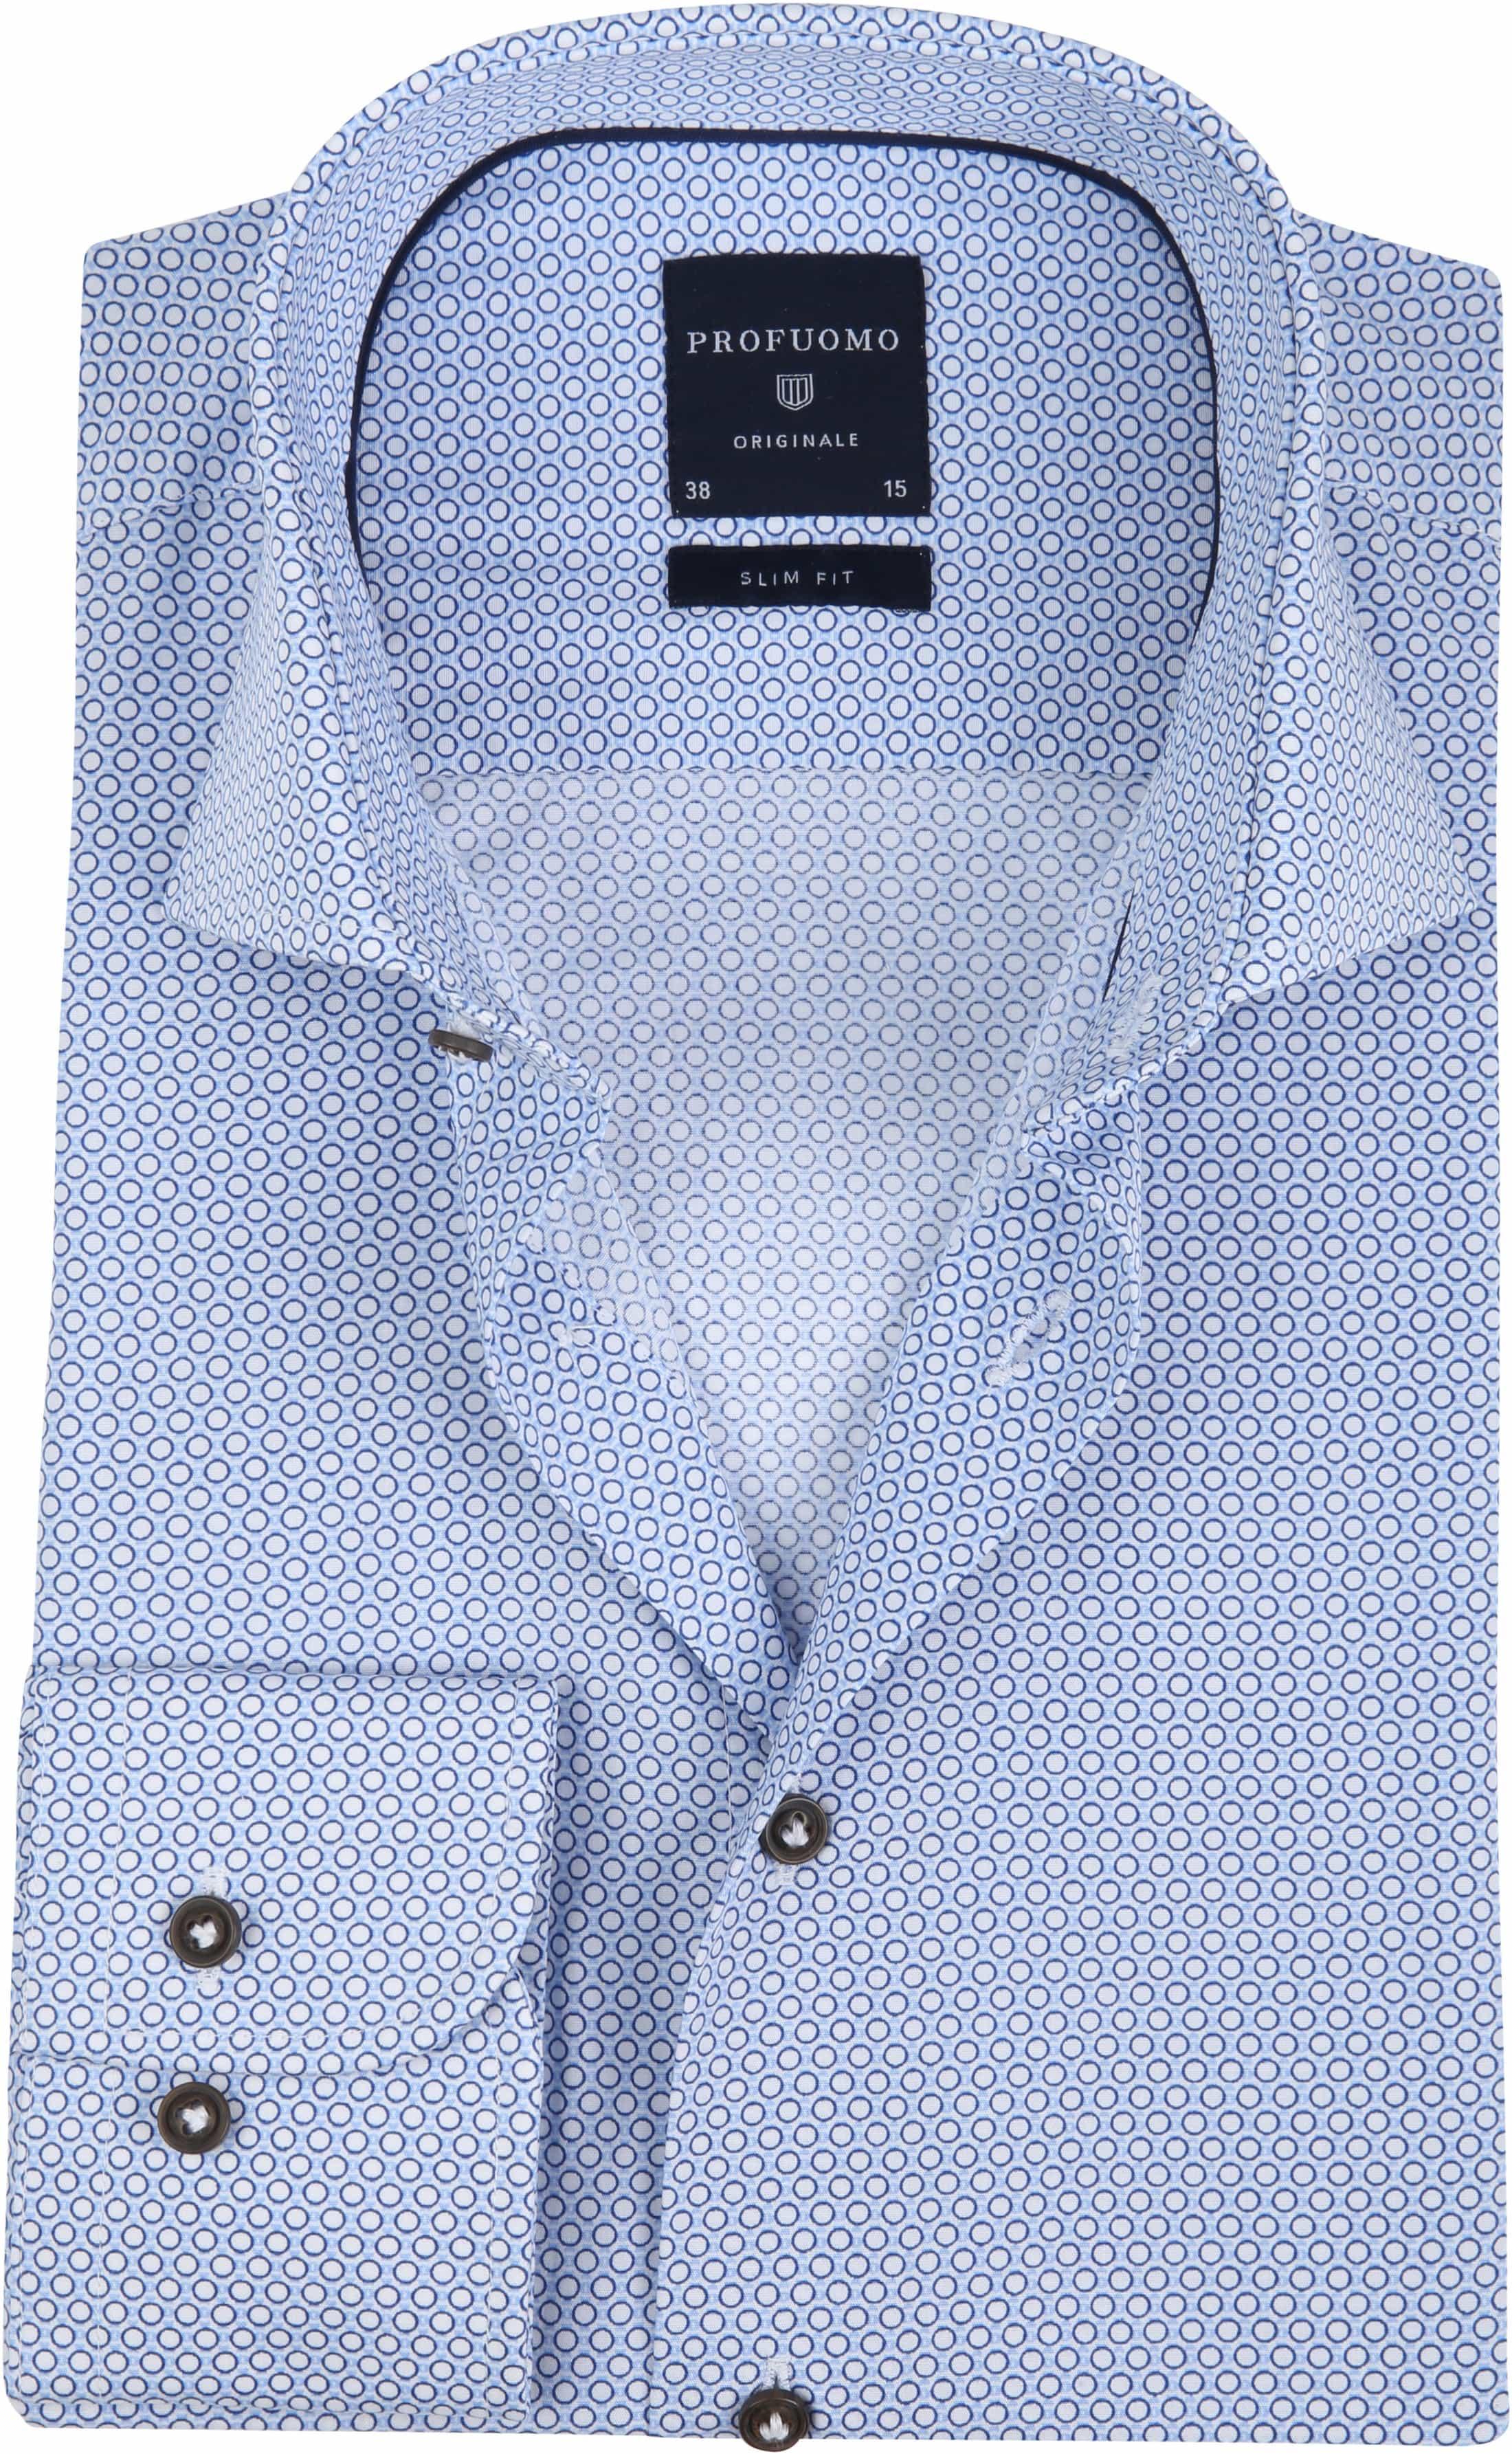 Profuomo Overhemd.Profuomo Overhemd Slim Fit Blauw Dessin Ppph4a0006 Online Bestellen